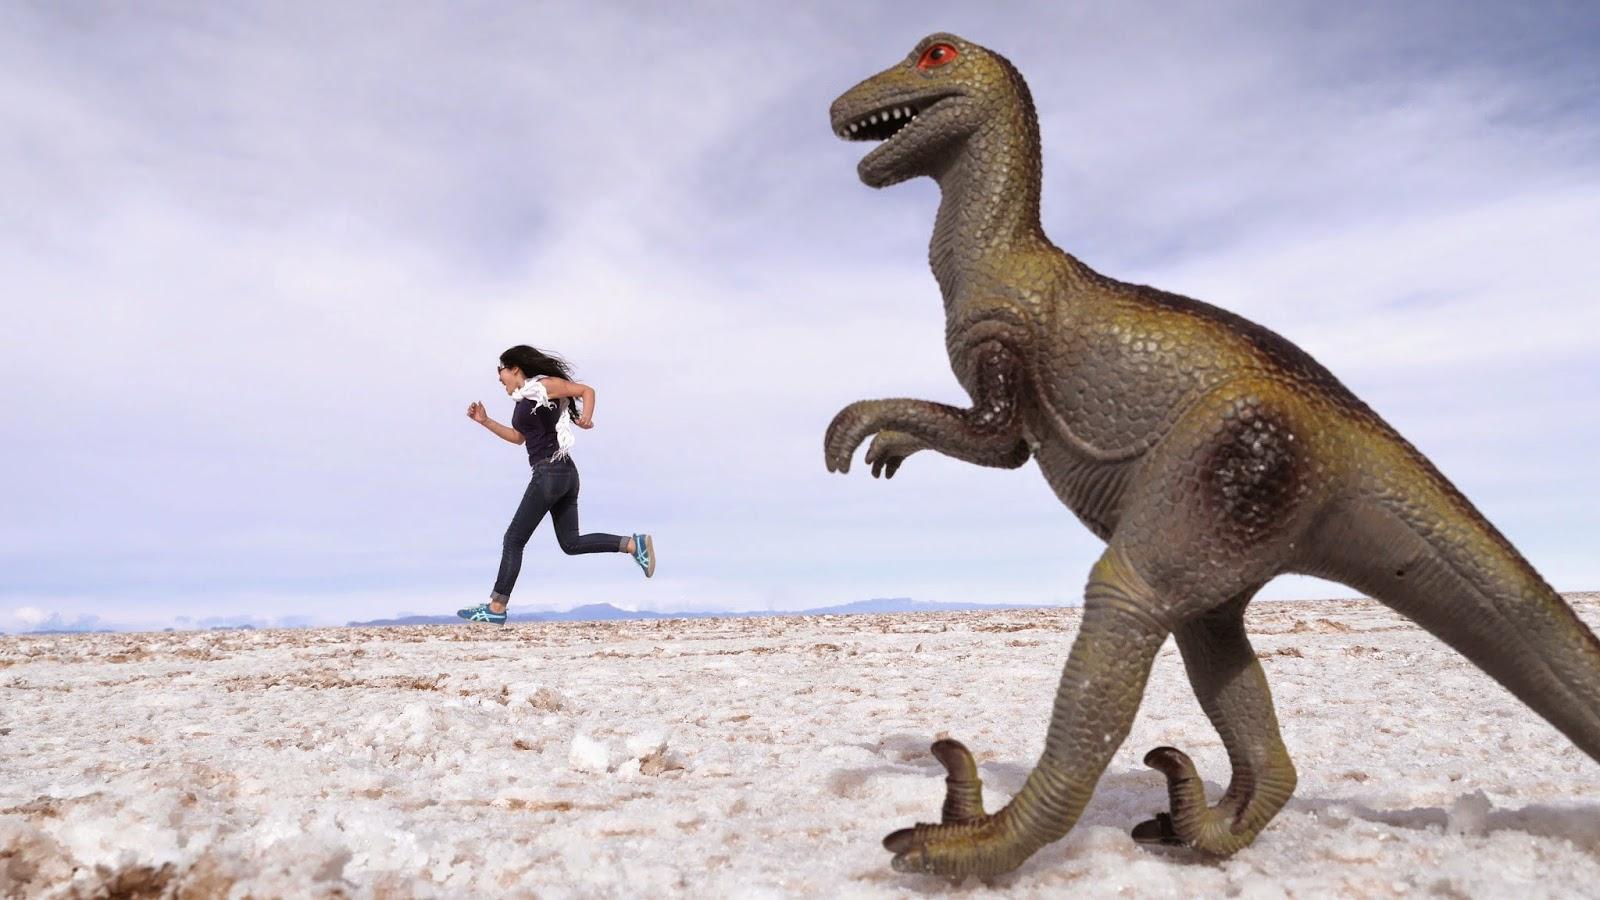 Dinosaur at Salar de Uyuni, Bolivia